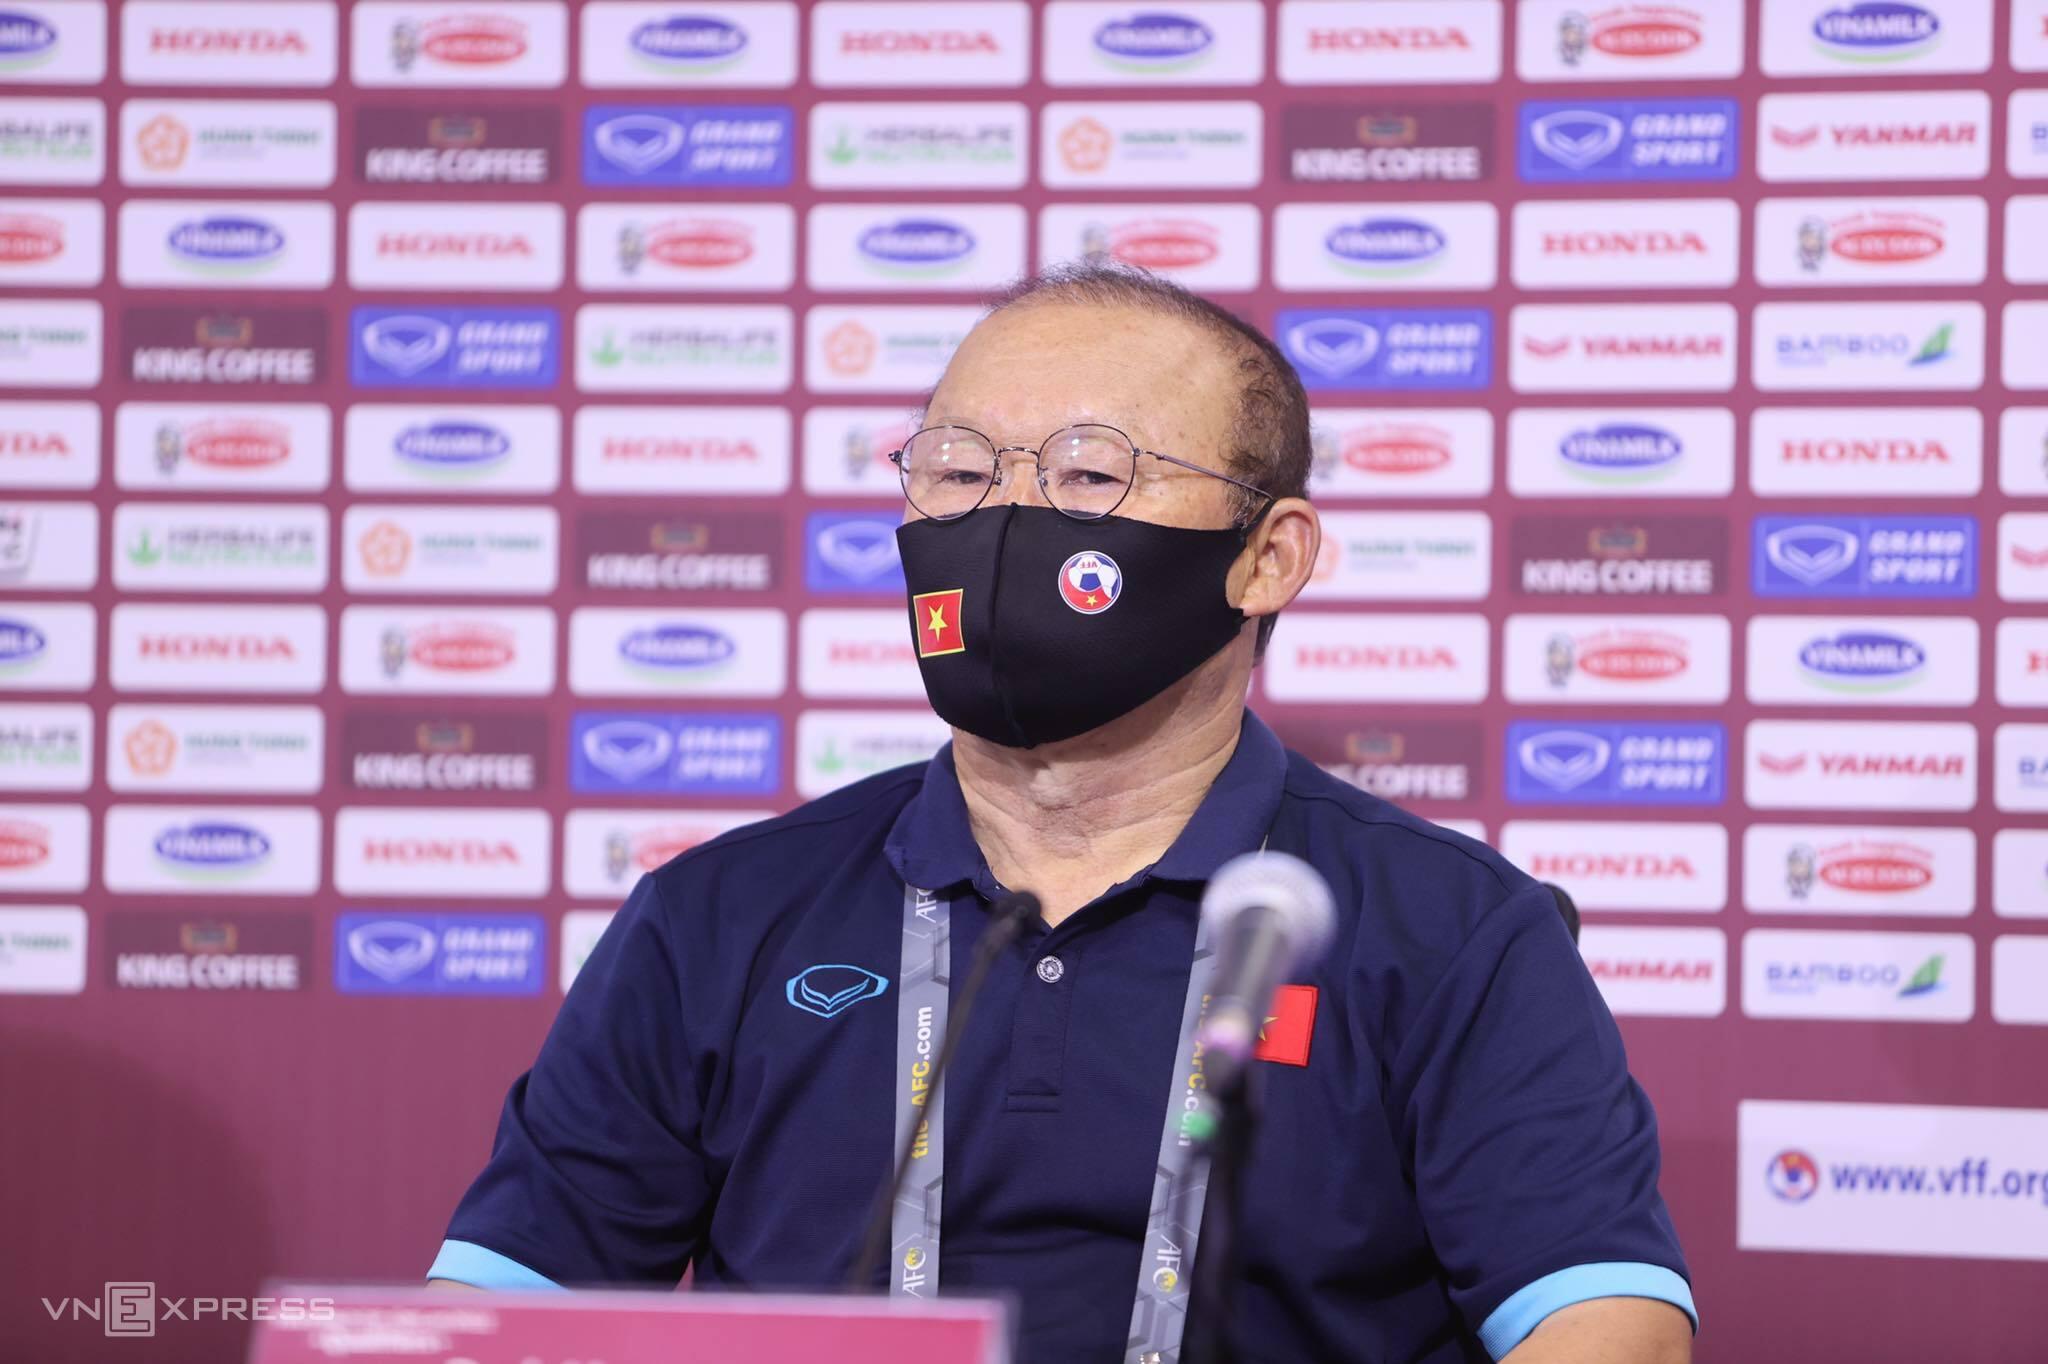 HLV Park Hang-seo trả lời họp báo sau trận thắng Malaysia ở vòng loại World Cup 2022 tối 11/6. Ảnh: Lâm Thoả.